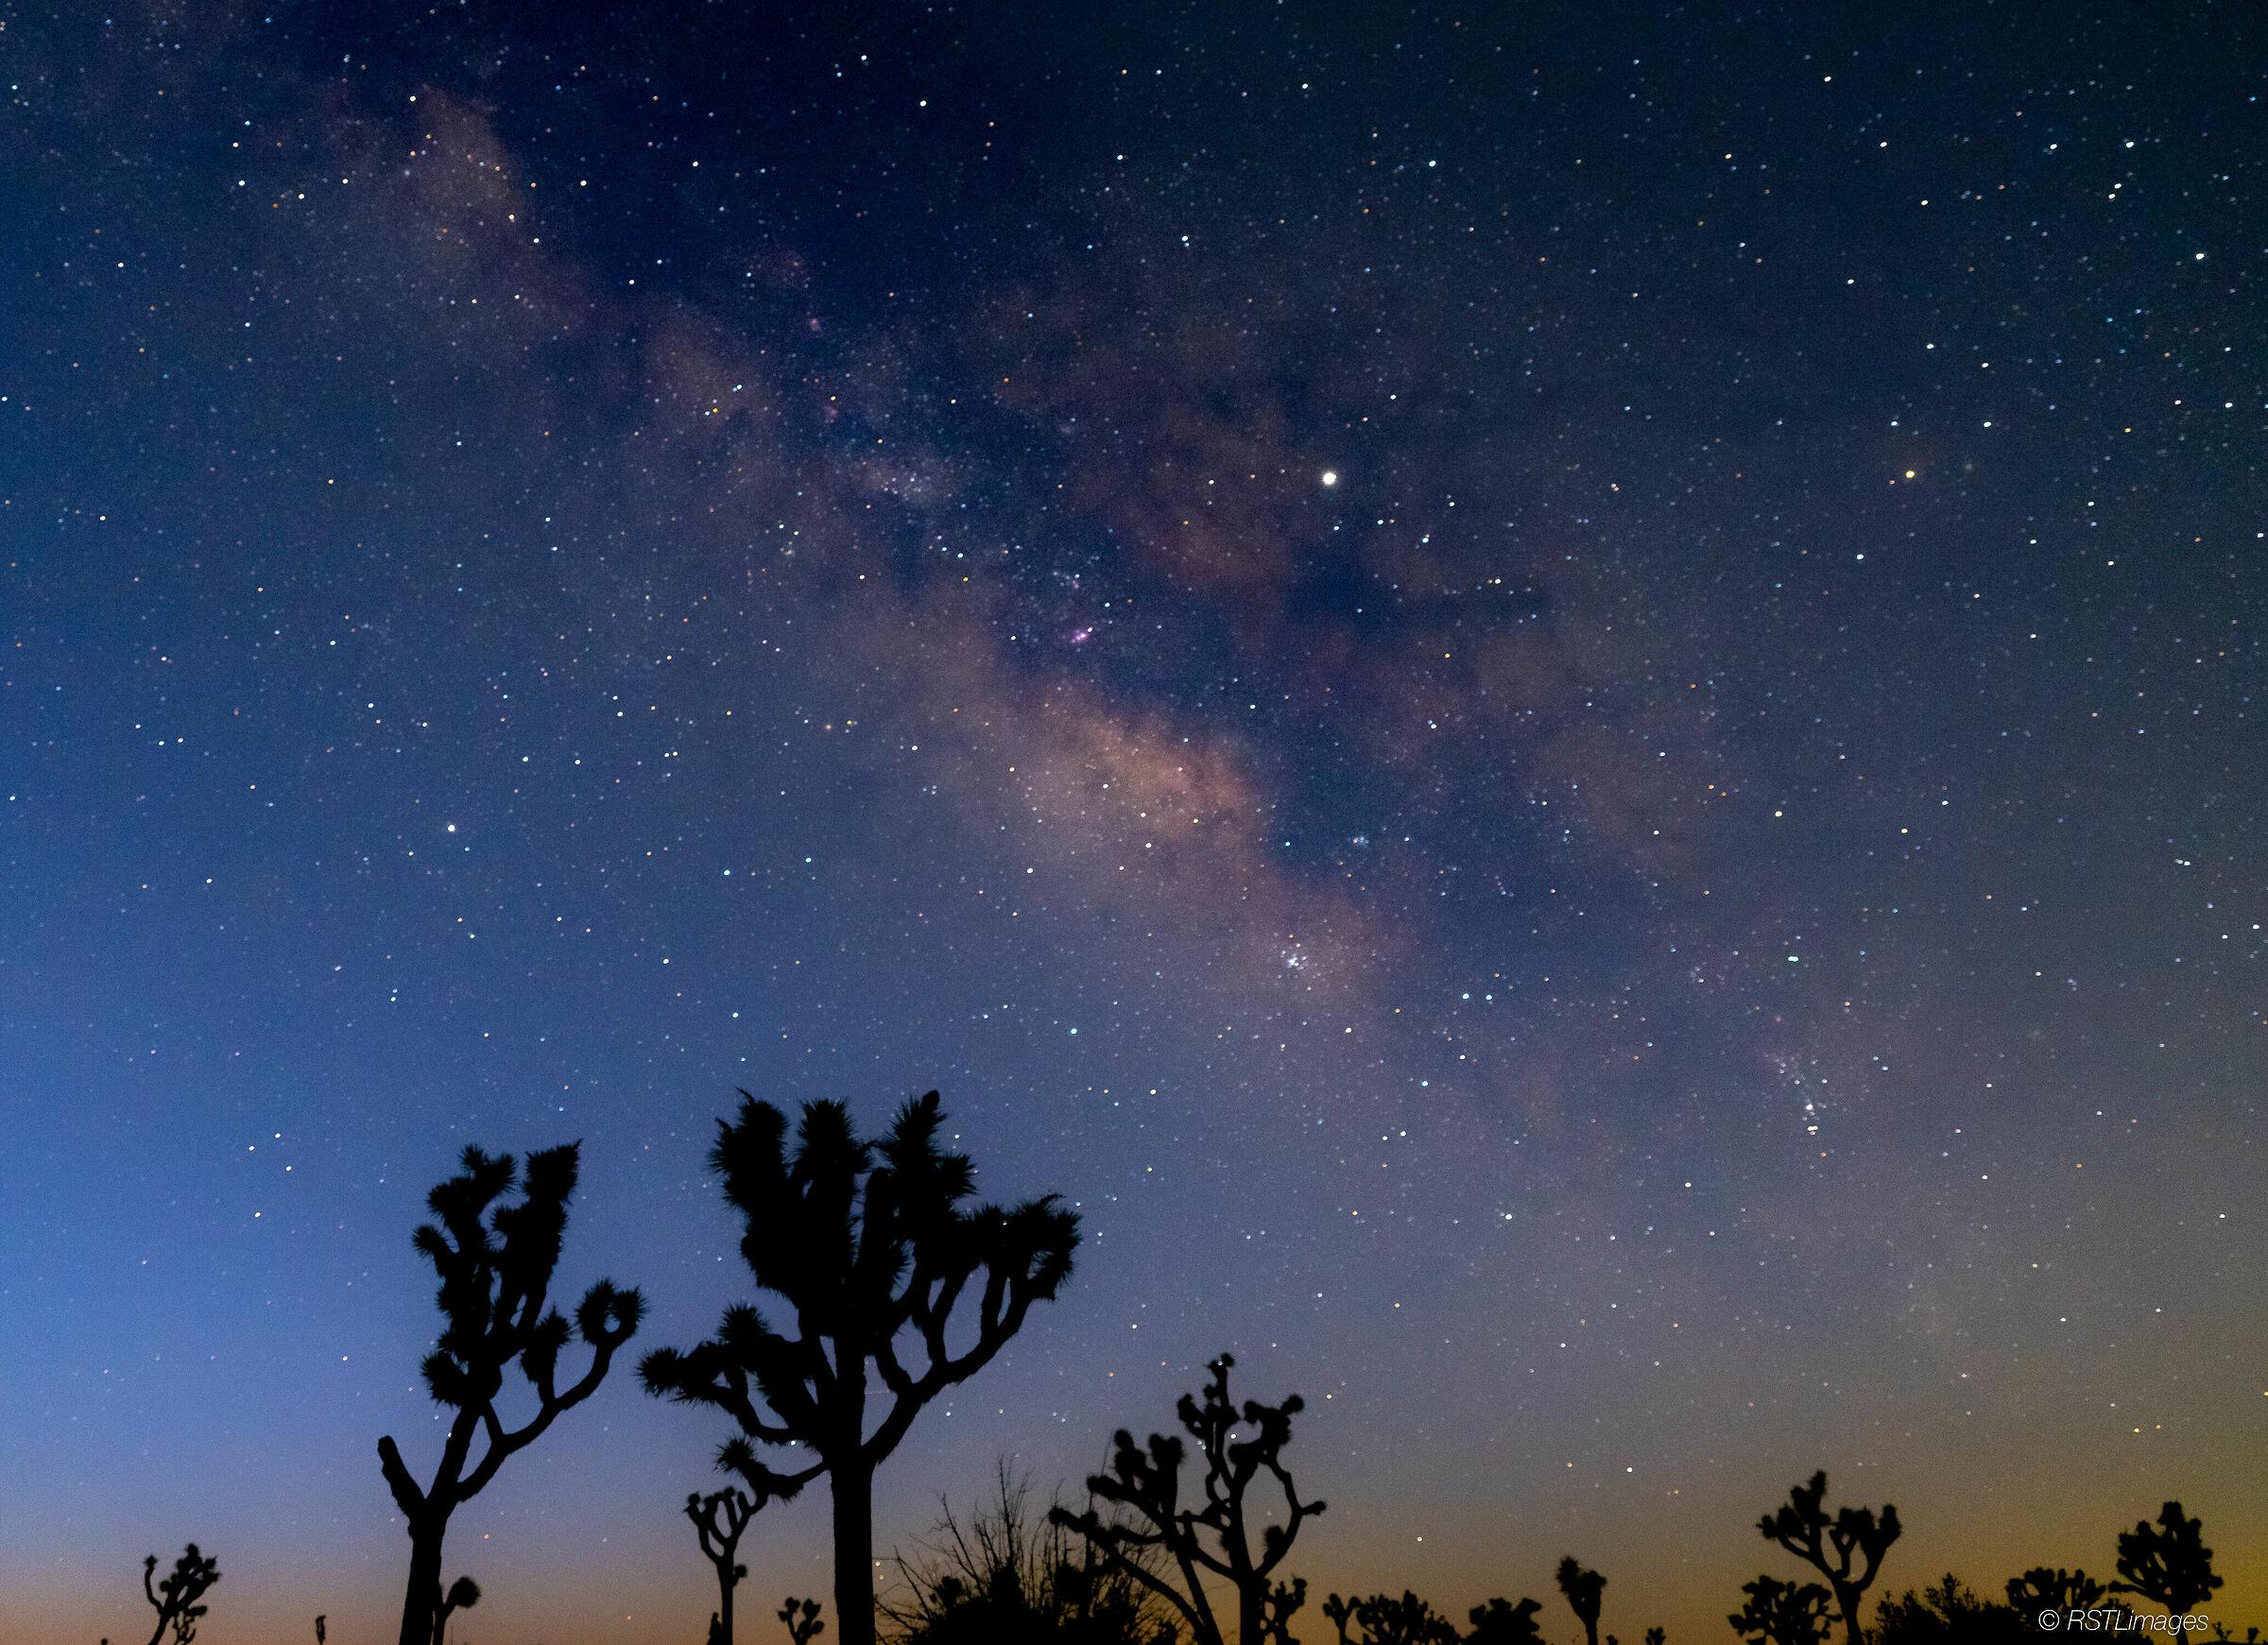 Milky Way over Joshua Tree...